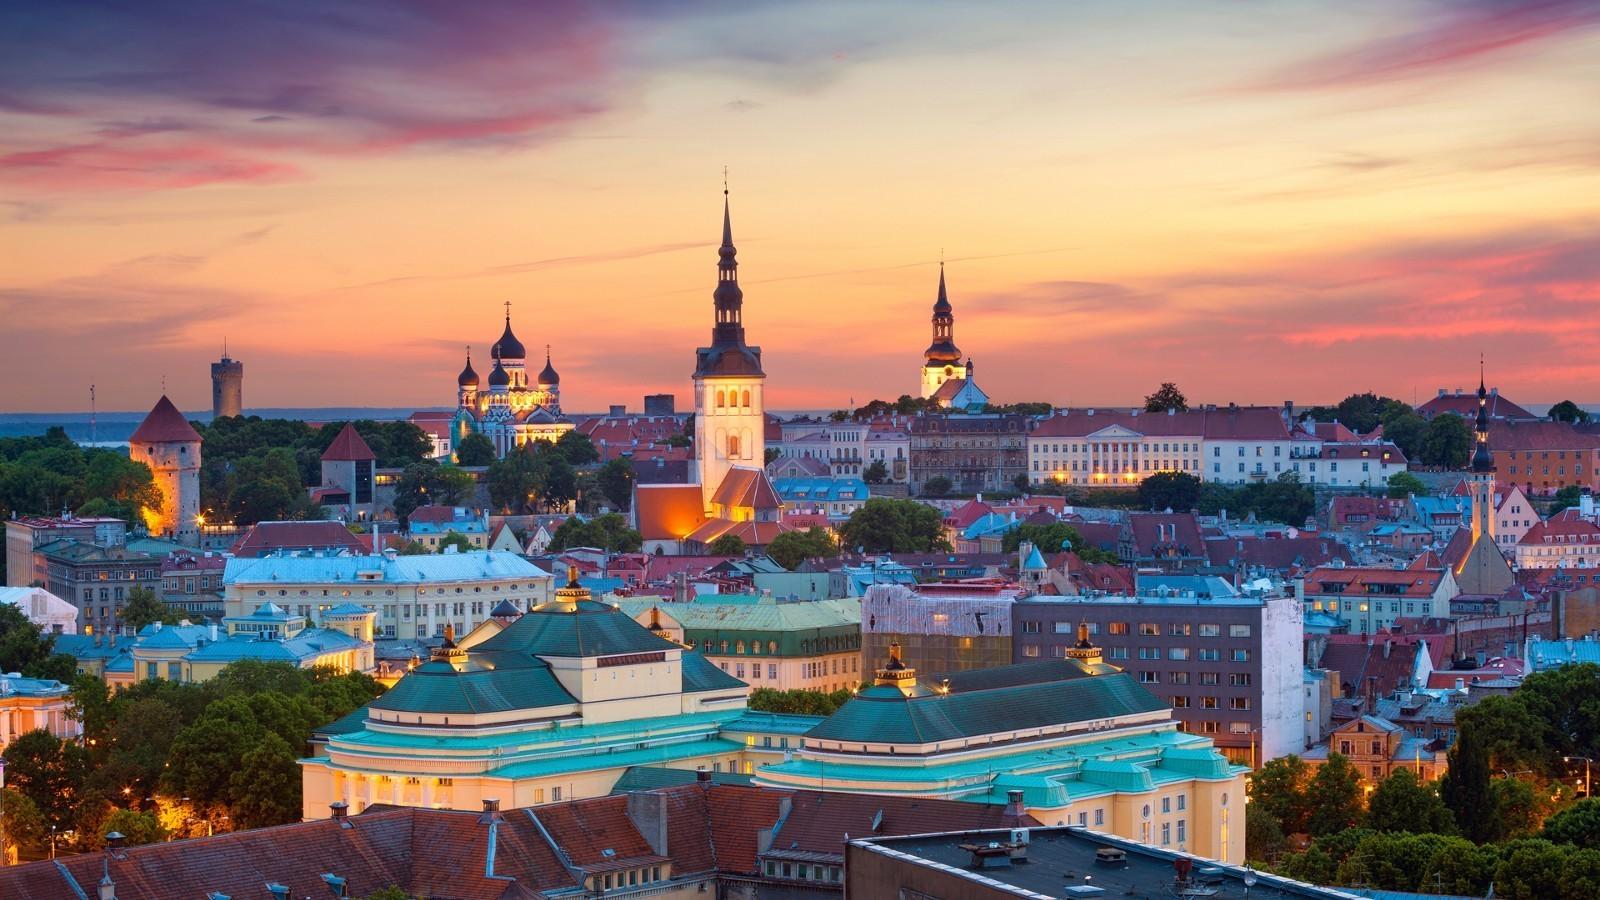 estonia paraiso dos empreendedores